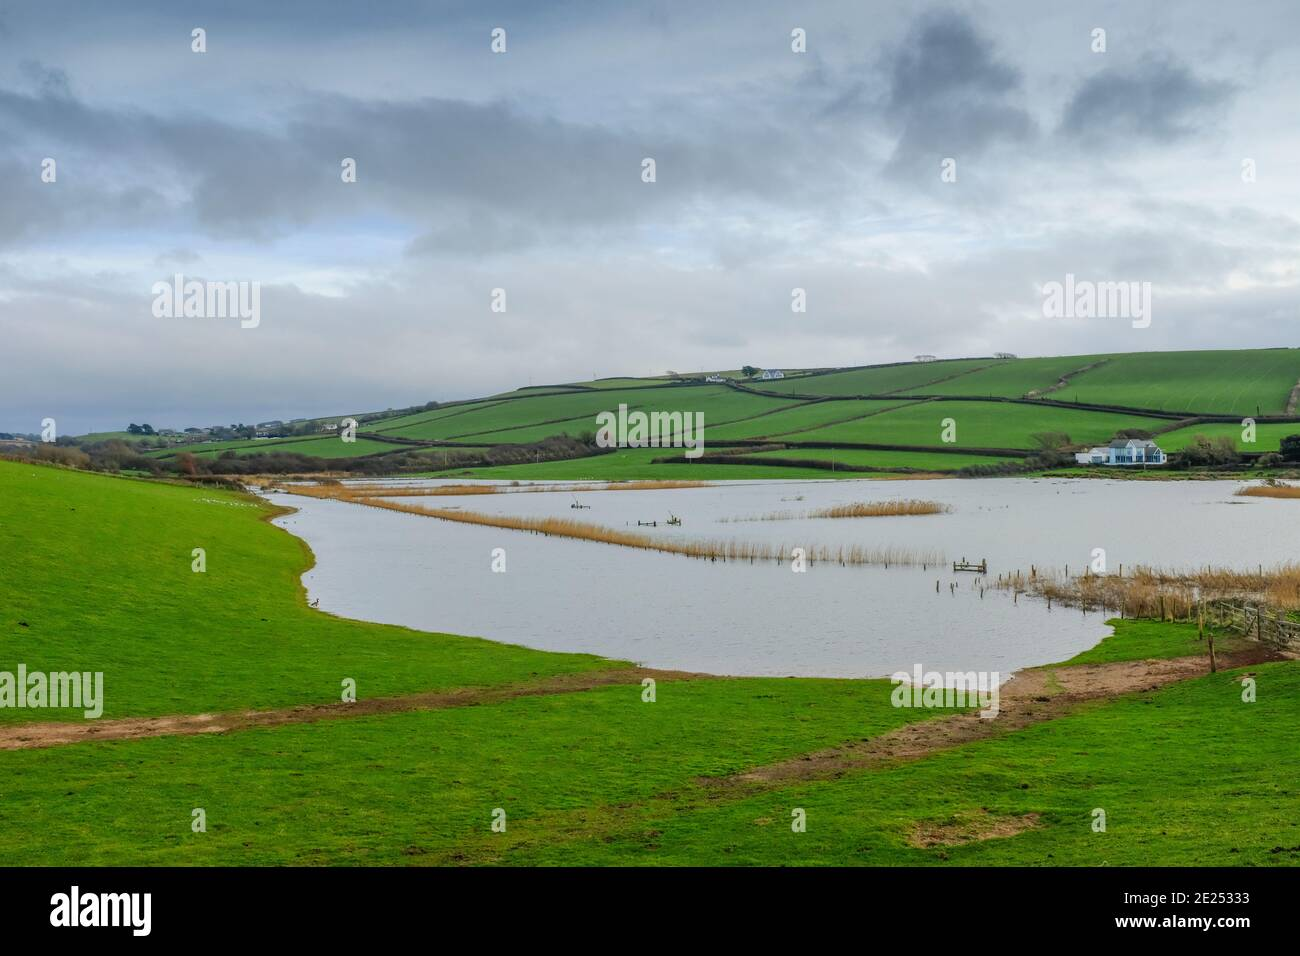 Vista de las inundaciones en la Reserva South Milton Ley tras fuertes lluvias. Thurledstone, South Devon, Reino Unido Foto de stock